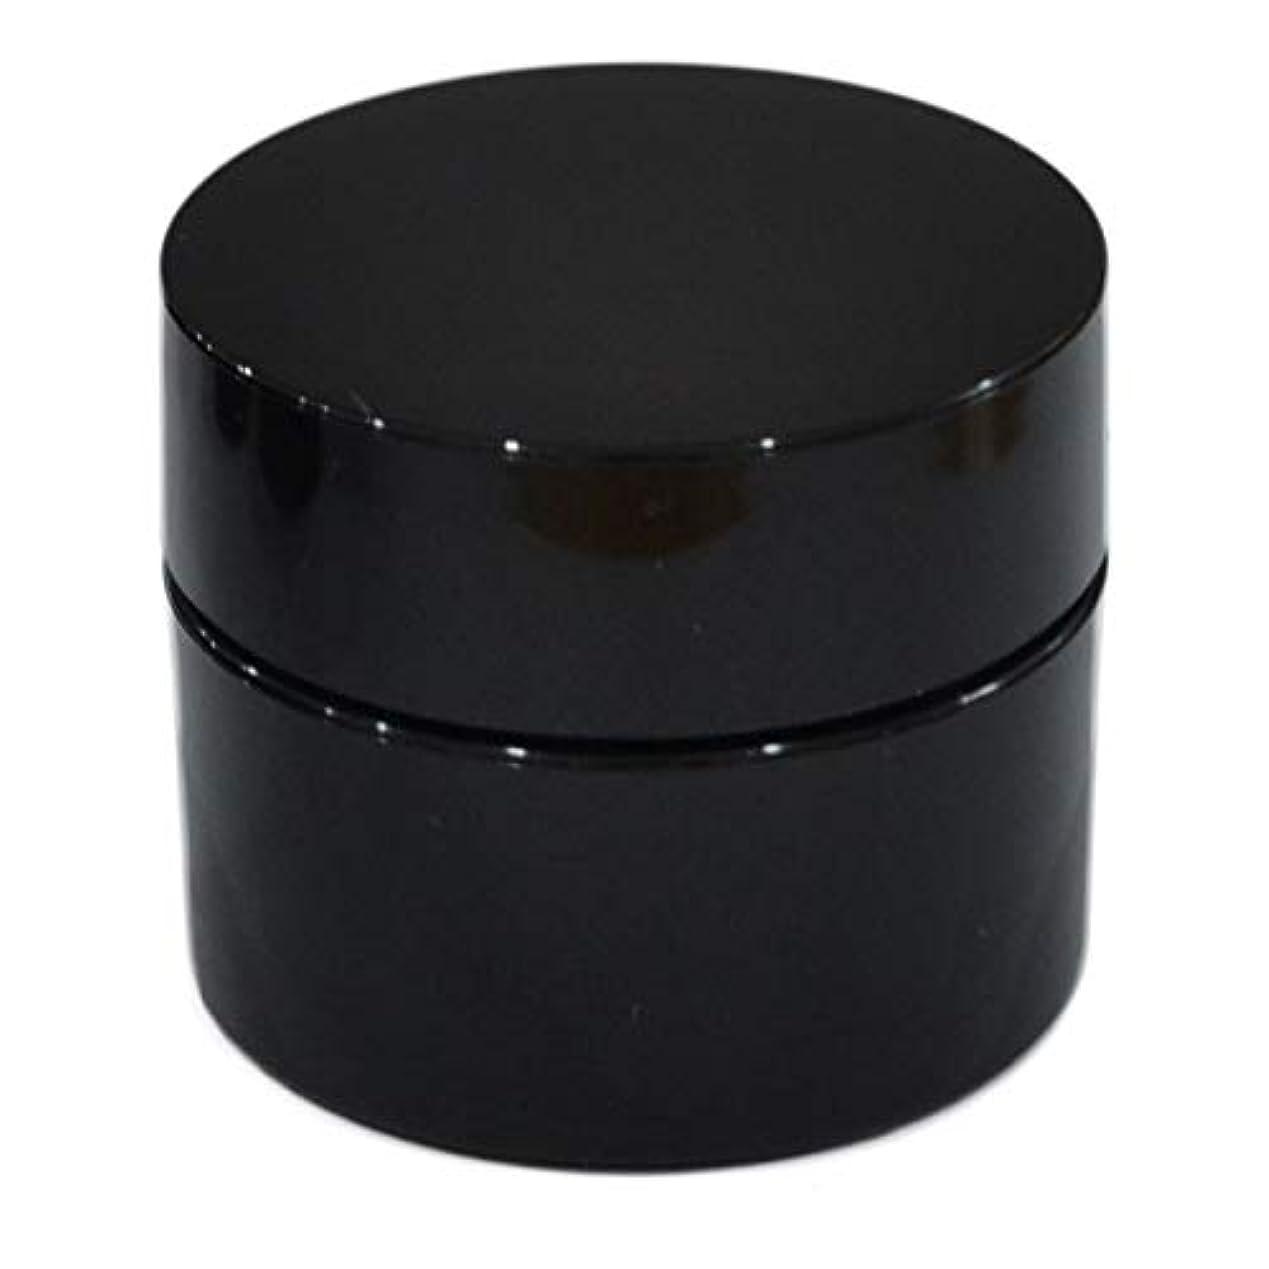 迷彩リーク恥ずかしい純国産ネイルジェル用コンテナ 10g用GA10g 漏れ防止パッキン&ブラシプレート付容器 ジェルを無駄なく使える底面傾斜あり 遮光 黒 ブラック